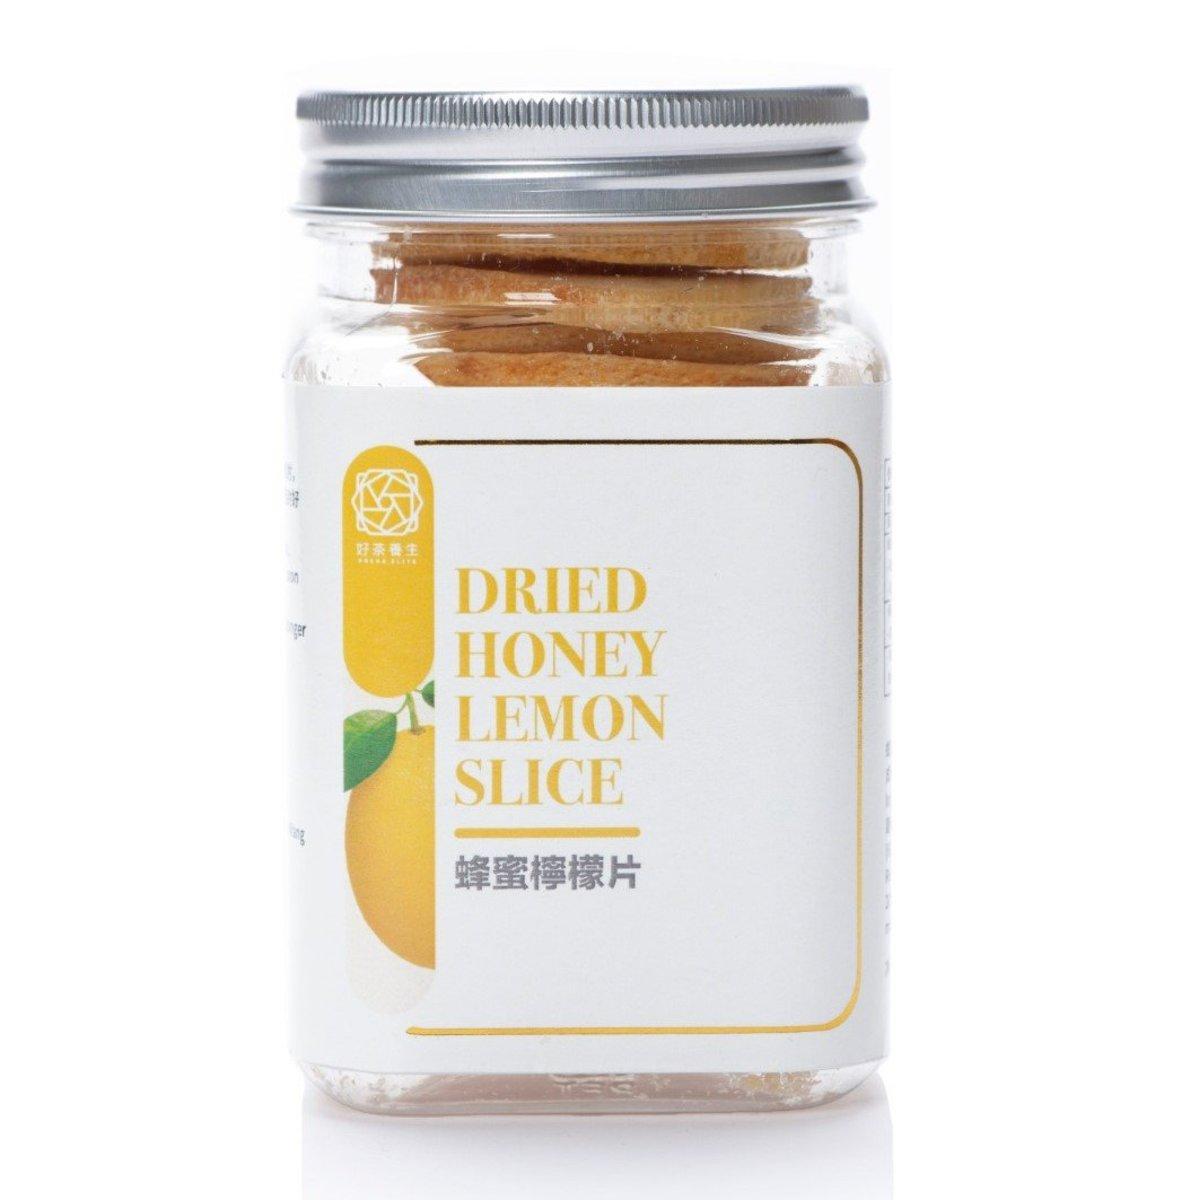 Dried Lemon Slice - Chinese Herbal Tea